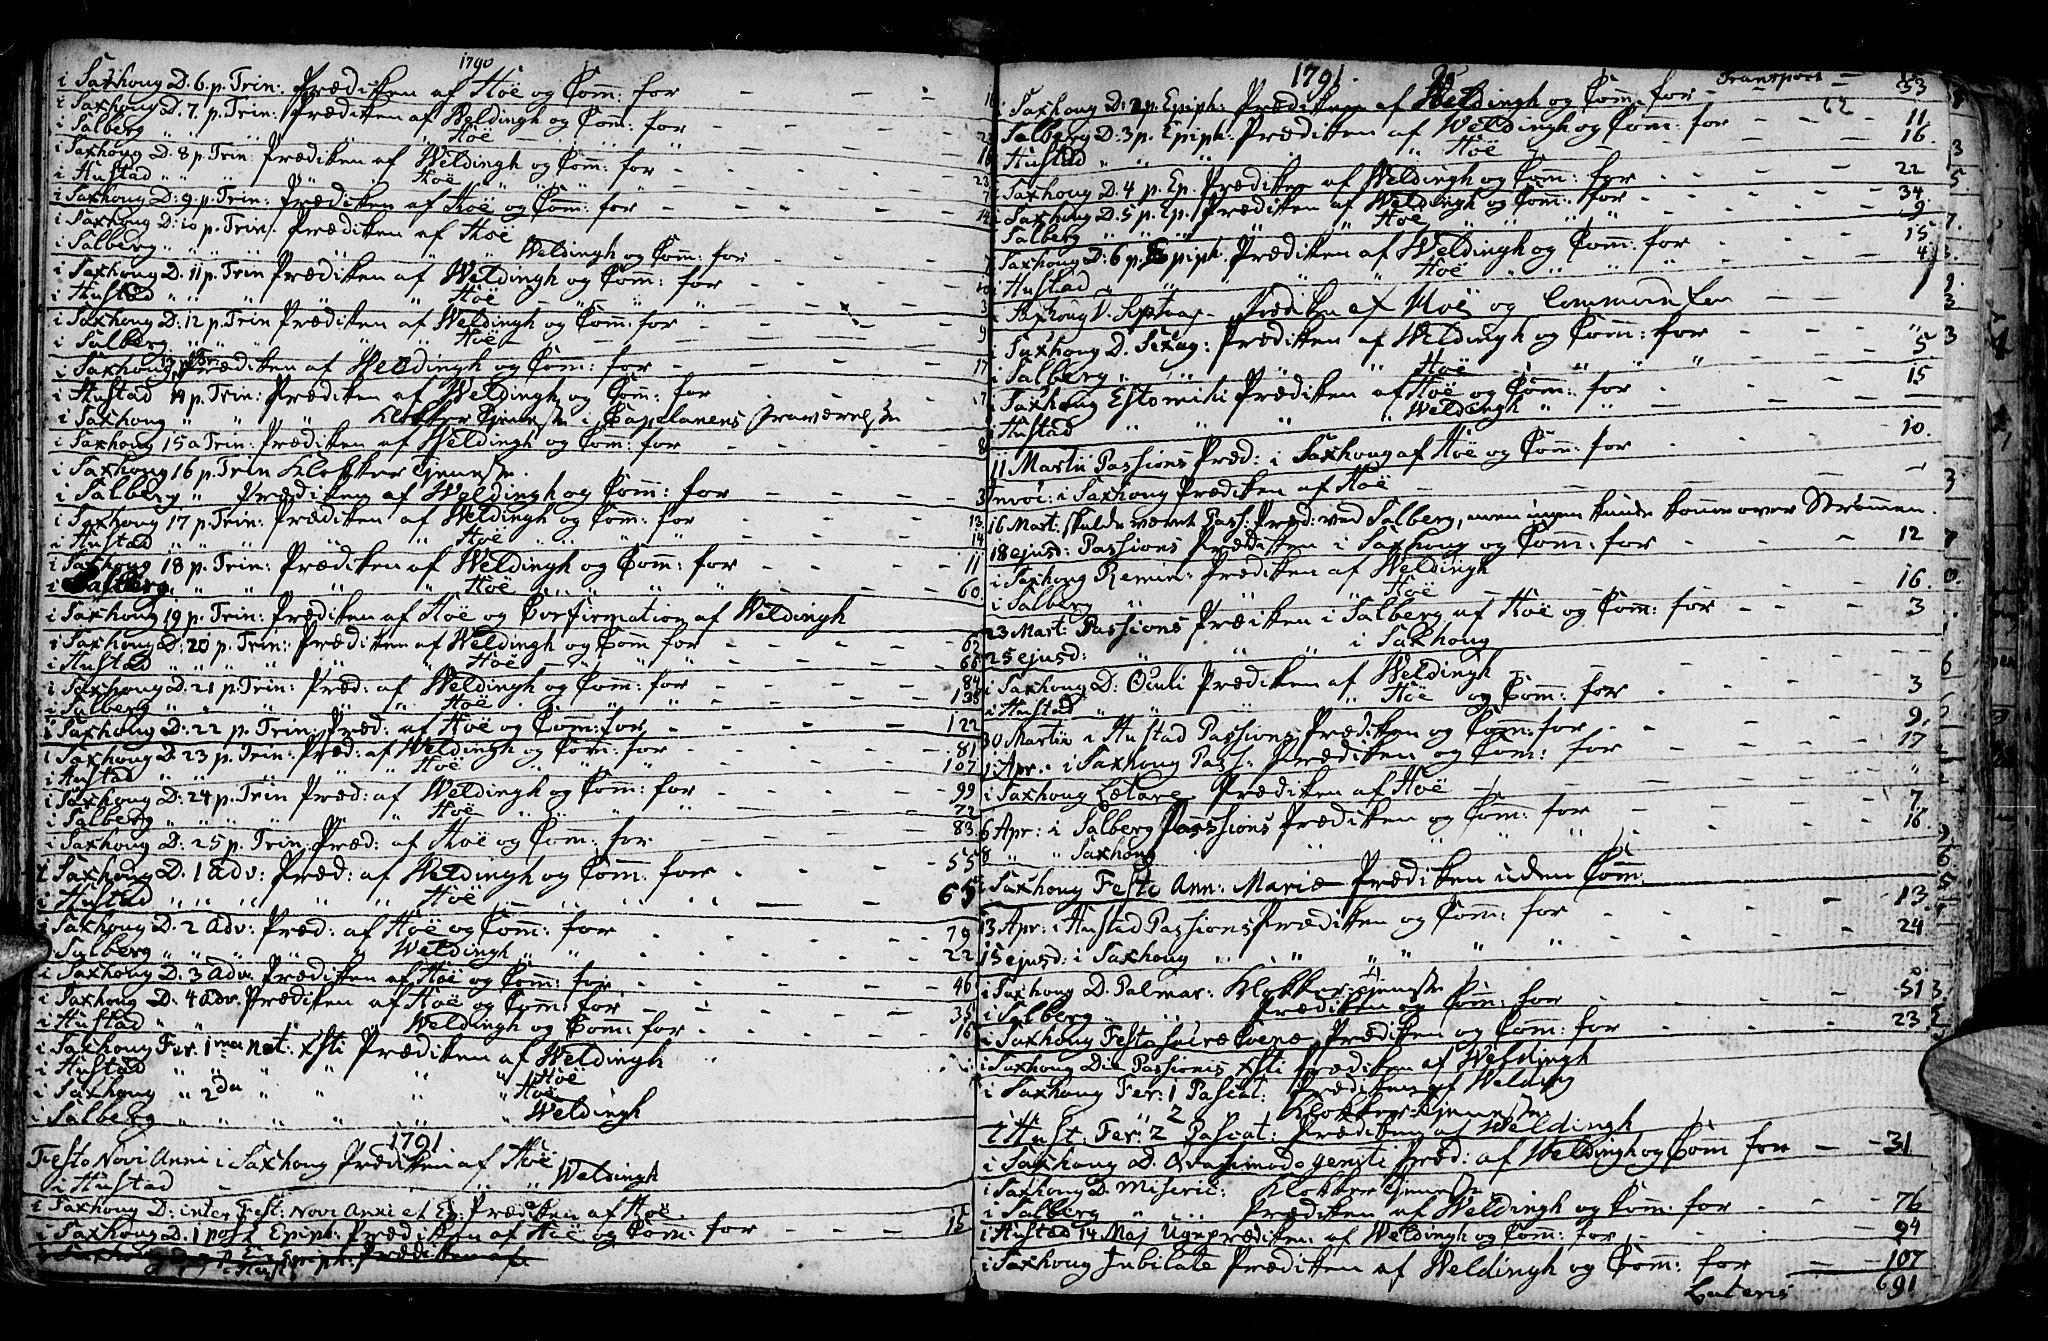 SAT, Ministerialprotokoller, klokkerbøker og fødselsregistre - Nord-Trøndelag, 730/L0273: Ministerialbok nr. 730A02, 1762-1802, s. 62